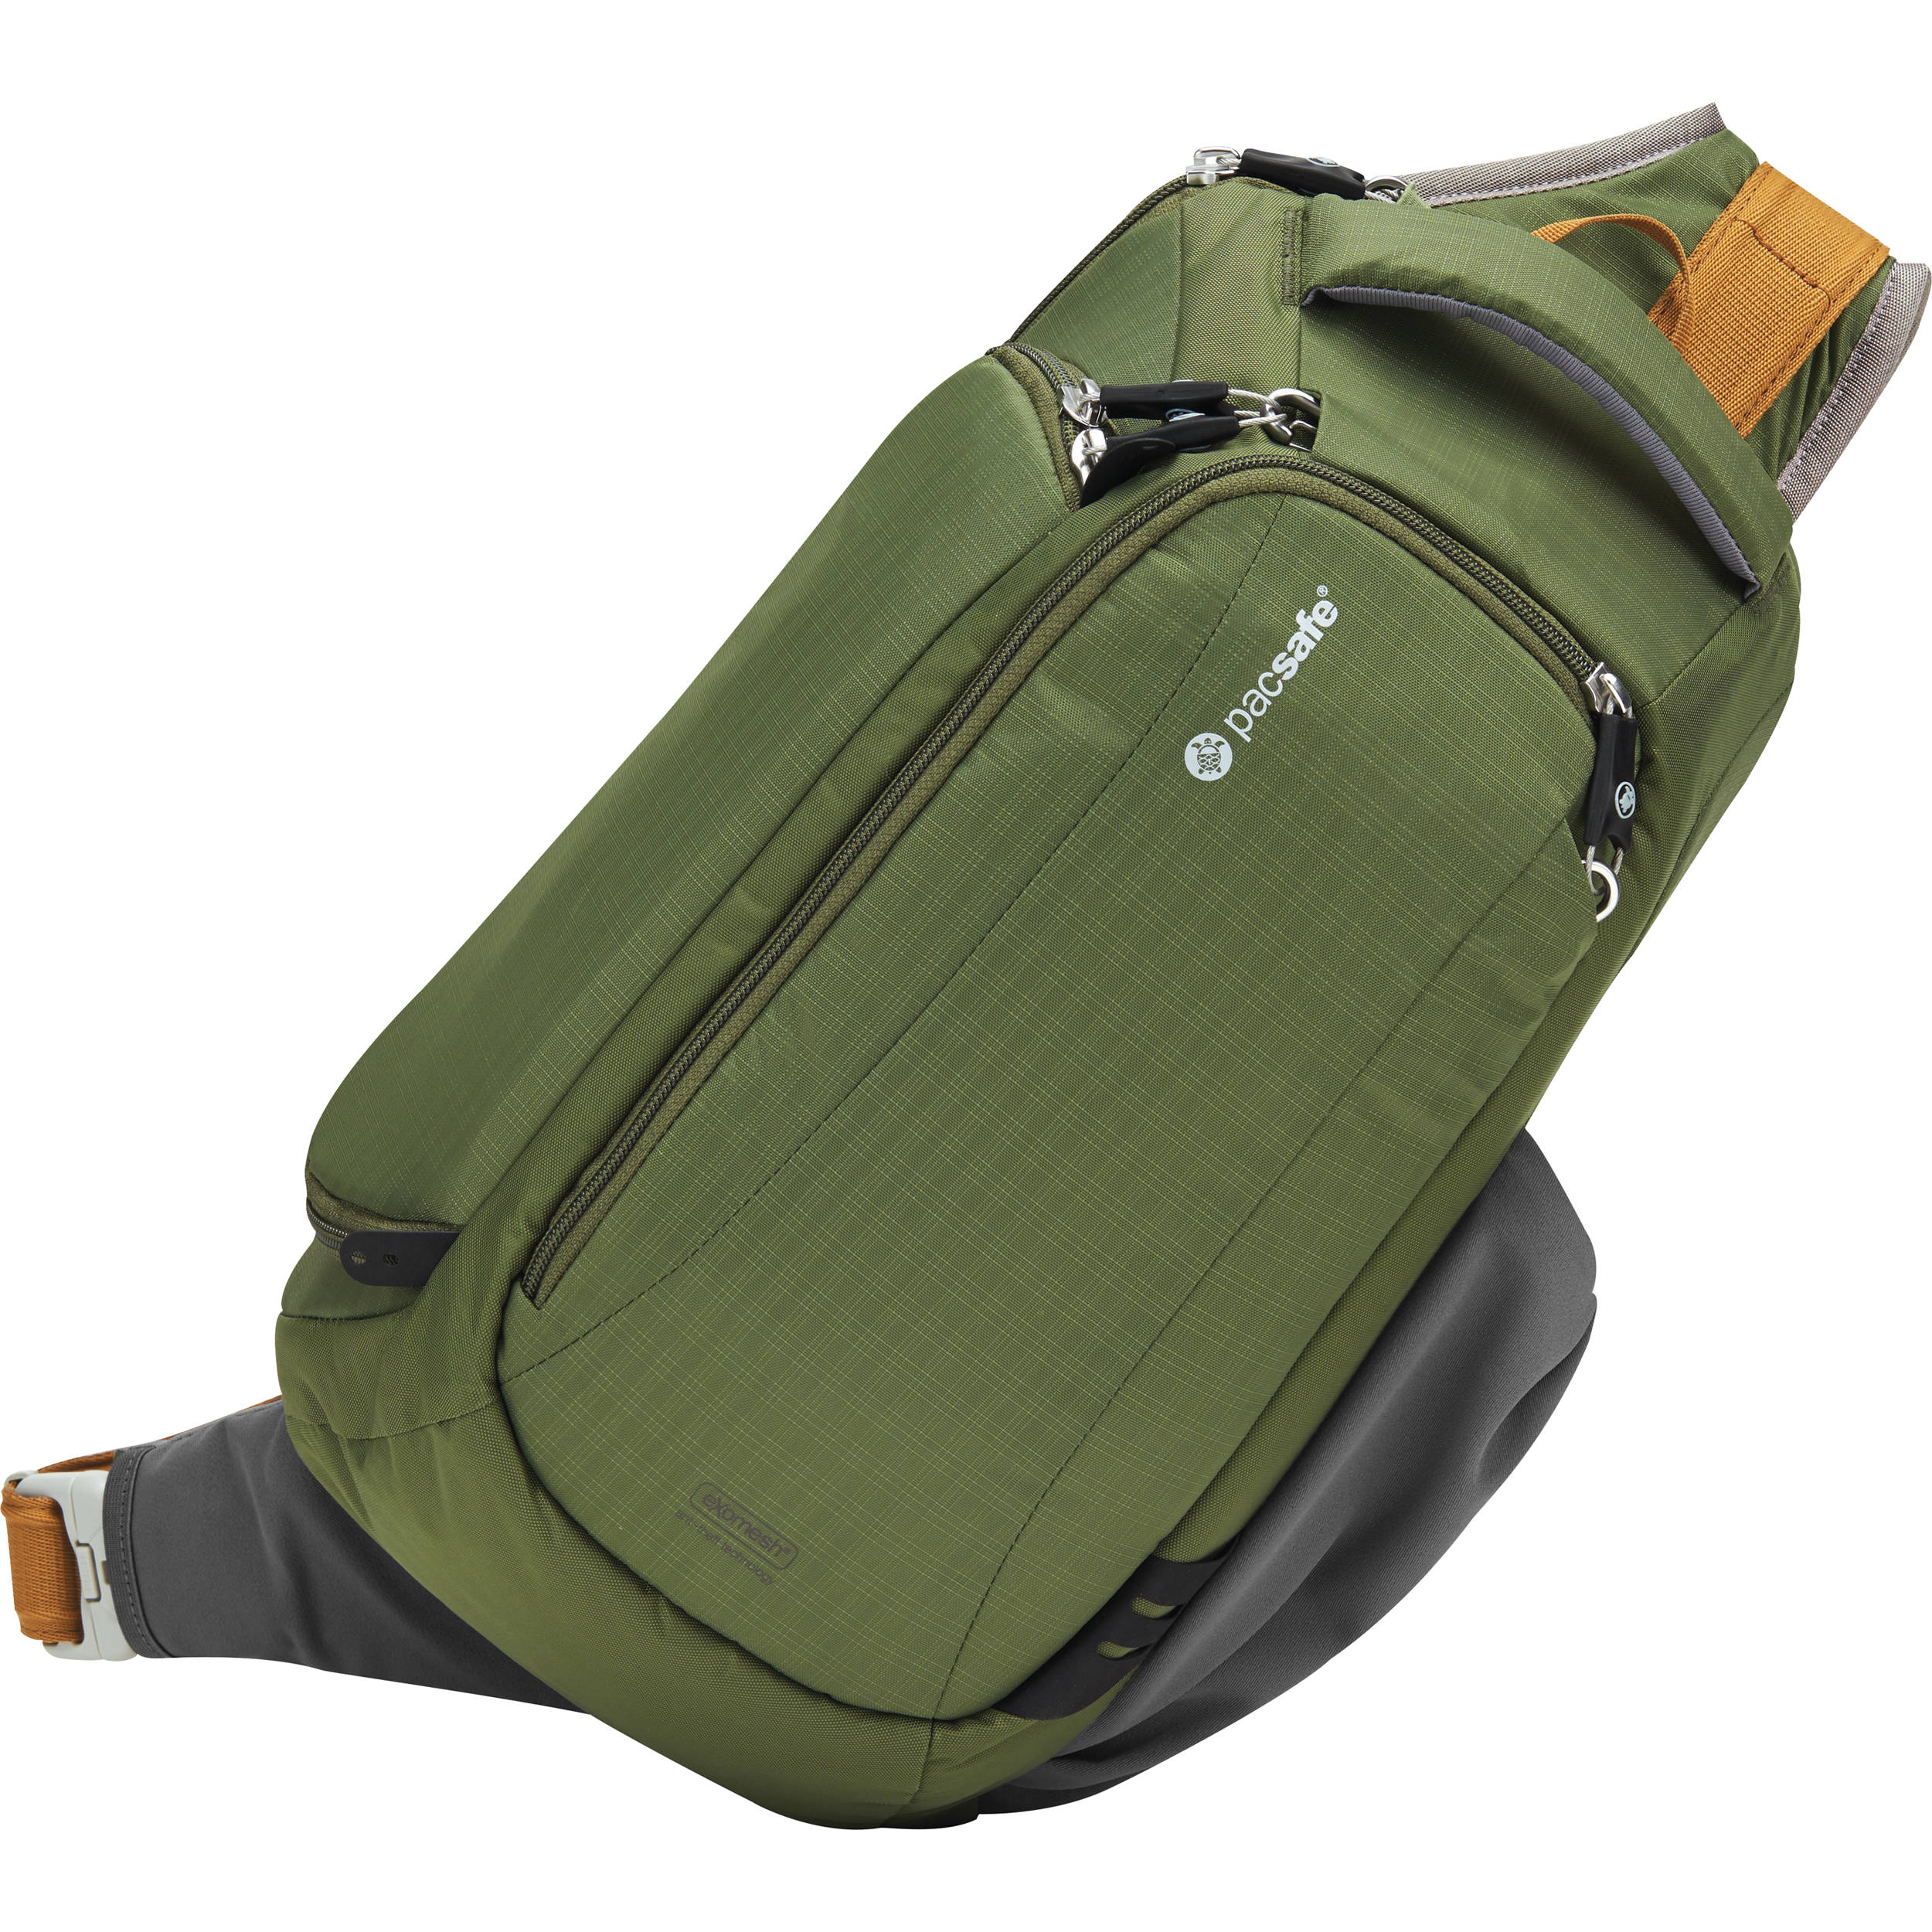 Pacsafe Camsafe V9 Anti Theft Camera Sling Bag 15170505 B H